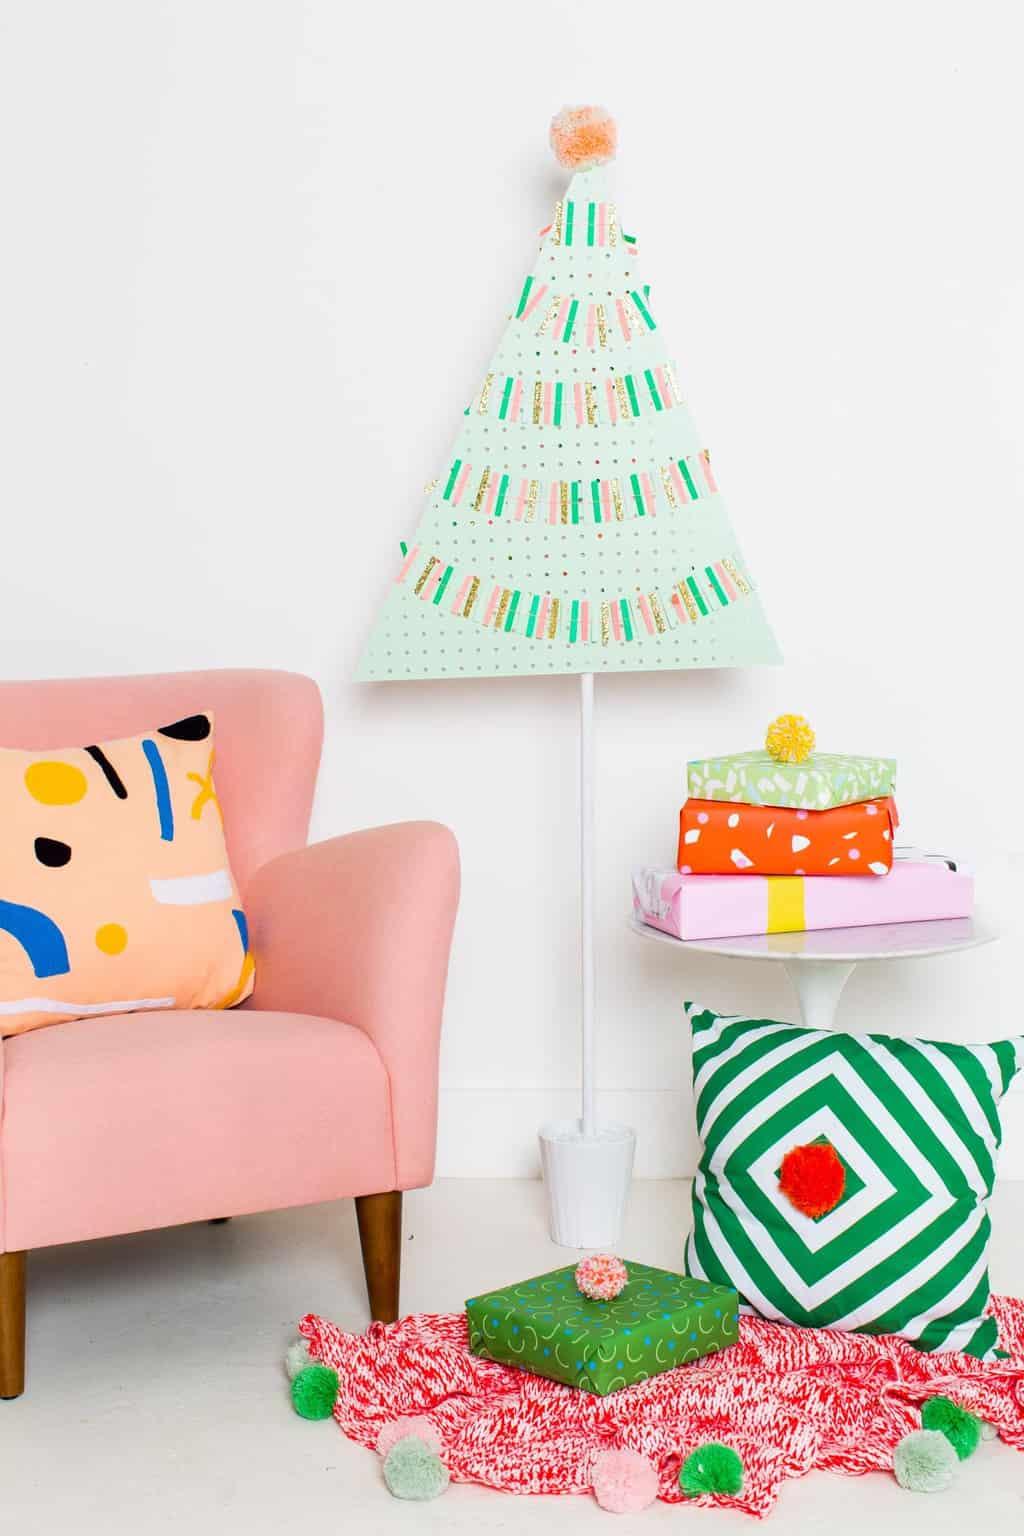 A DIY Pegboard Christmas Tree by DIY Blogger Ashley Rose of Sugar & Cloth